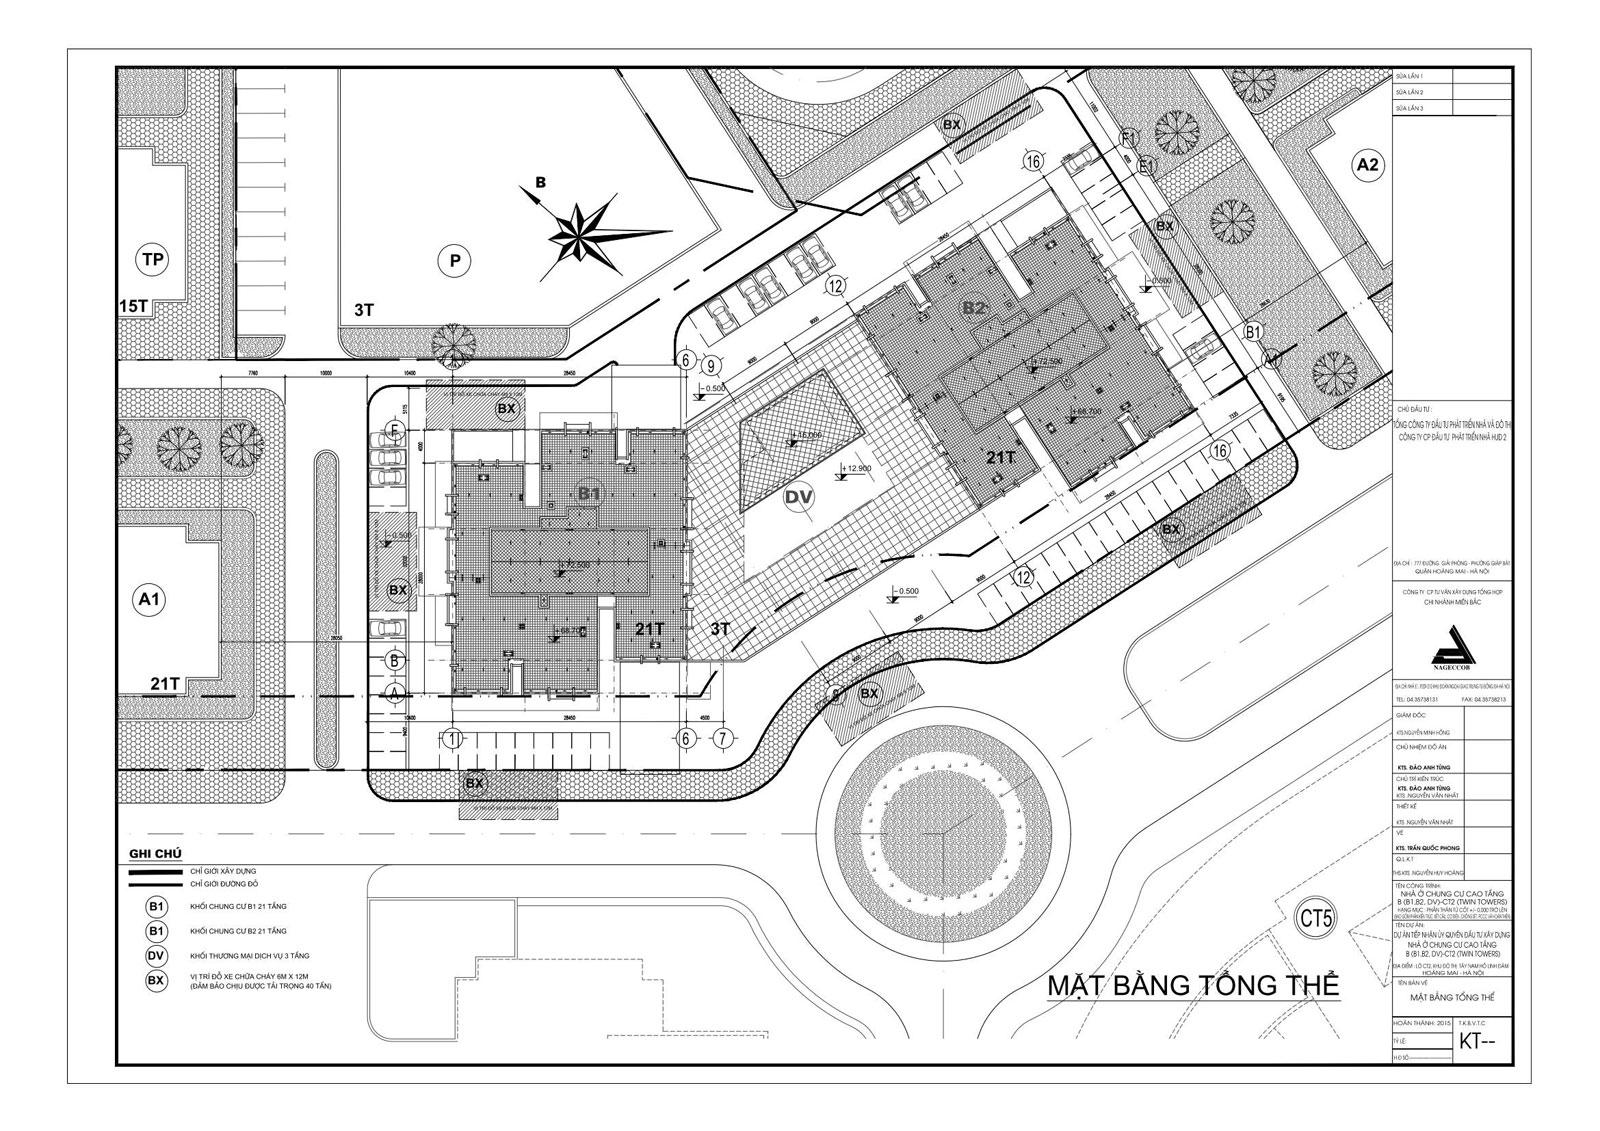 Hồ sơ mặt bằng khu thương mại tòa b1b2 tây nam linh đàm